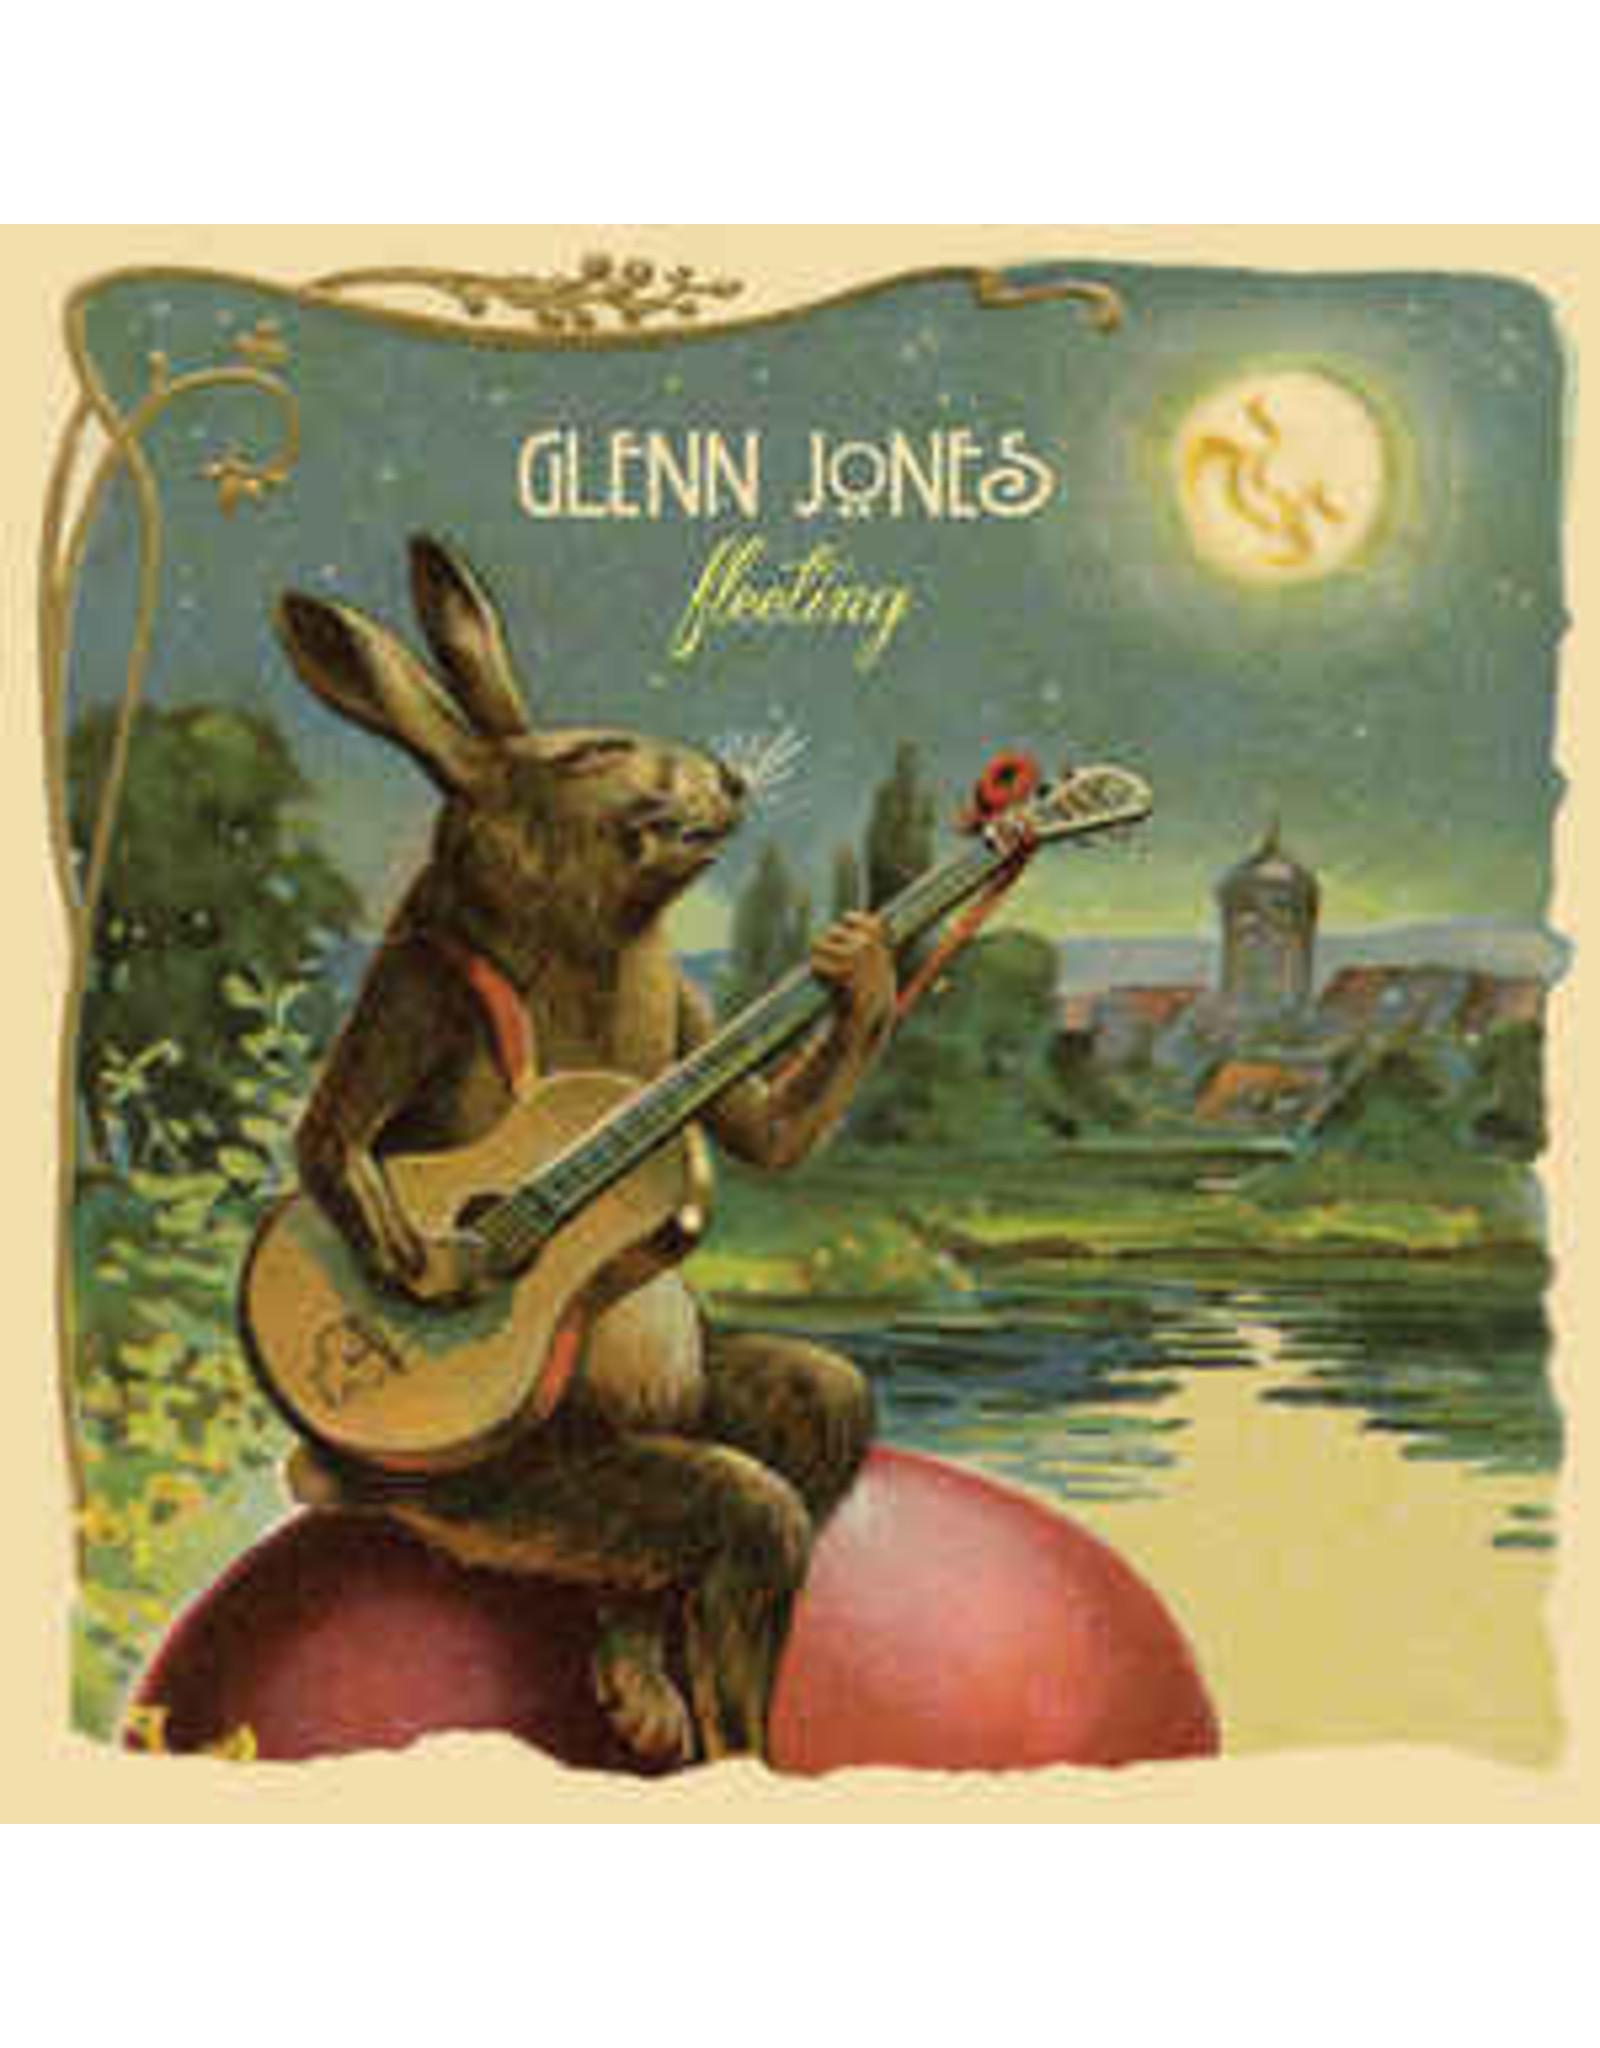 New Vinyl Glenn Jones - Fleeting LP